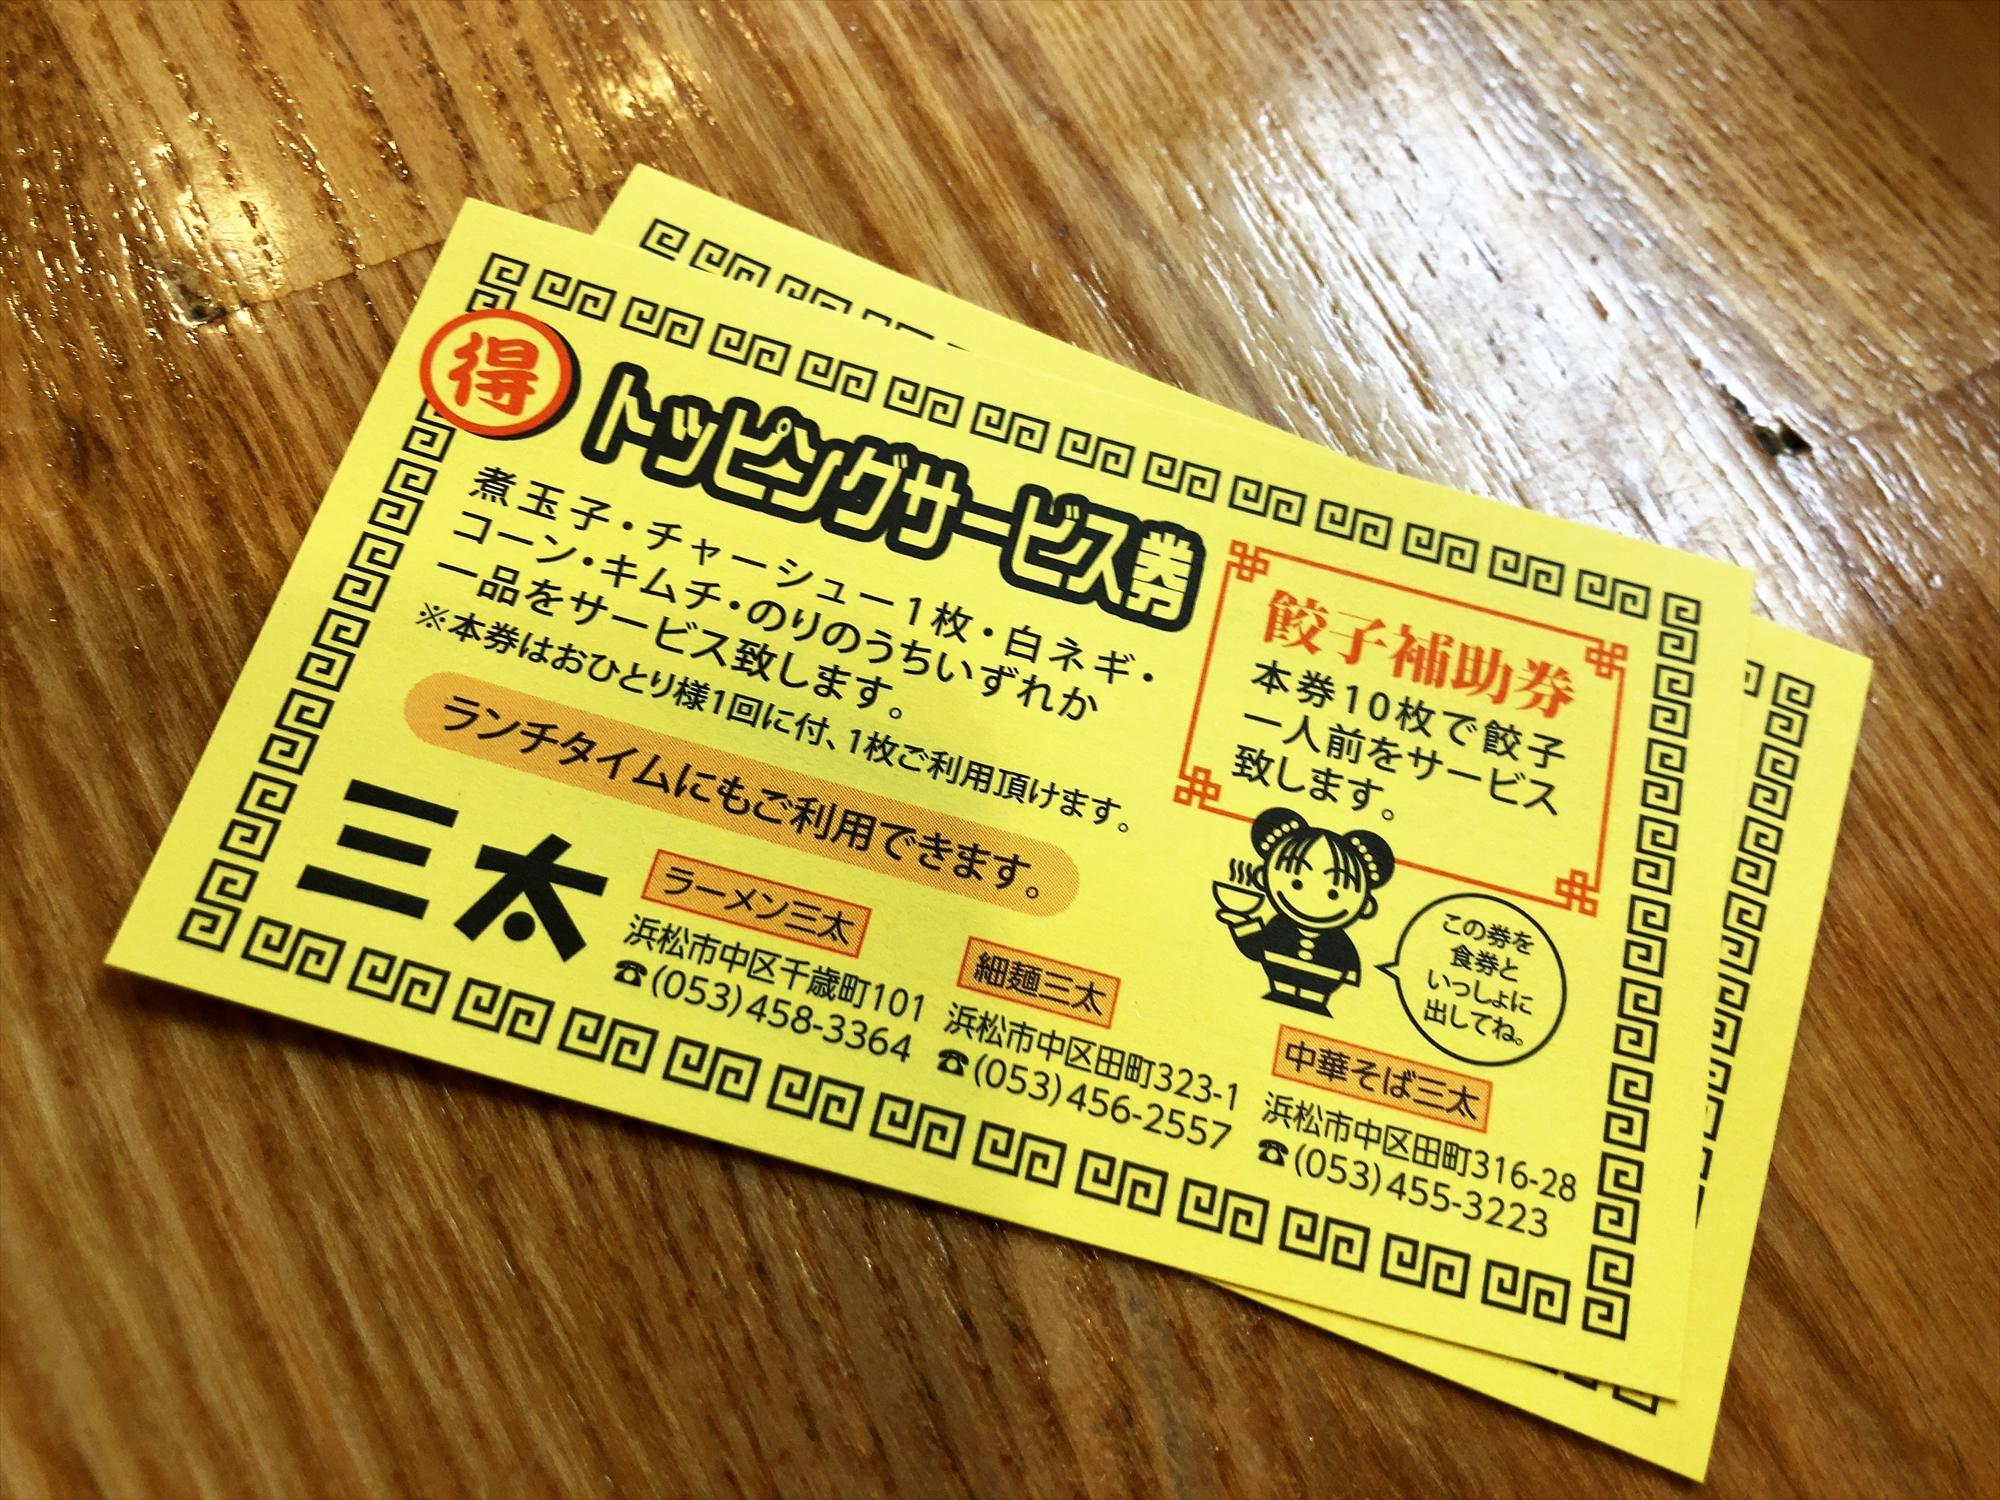 ラーメン 三太のサービスチケット